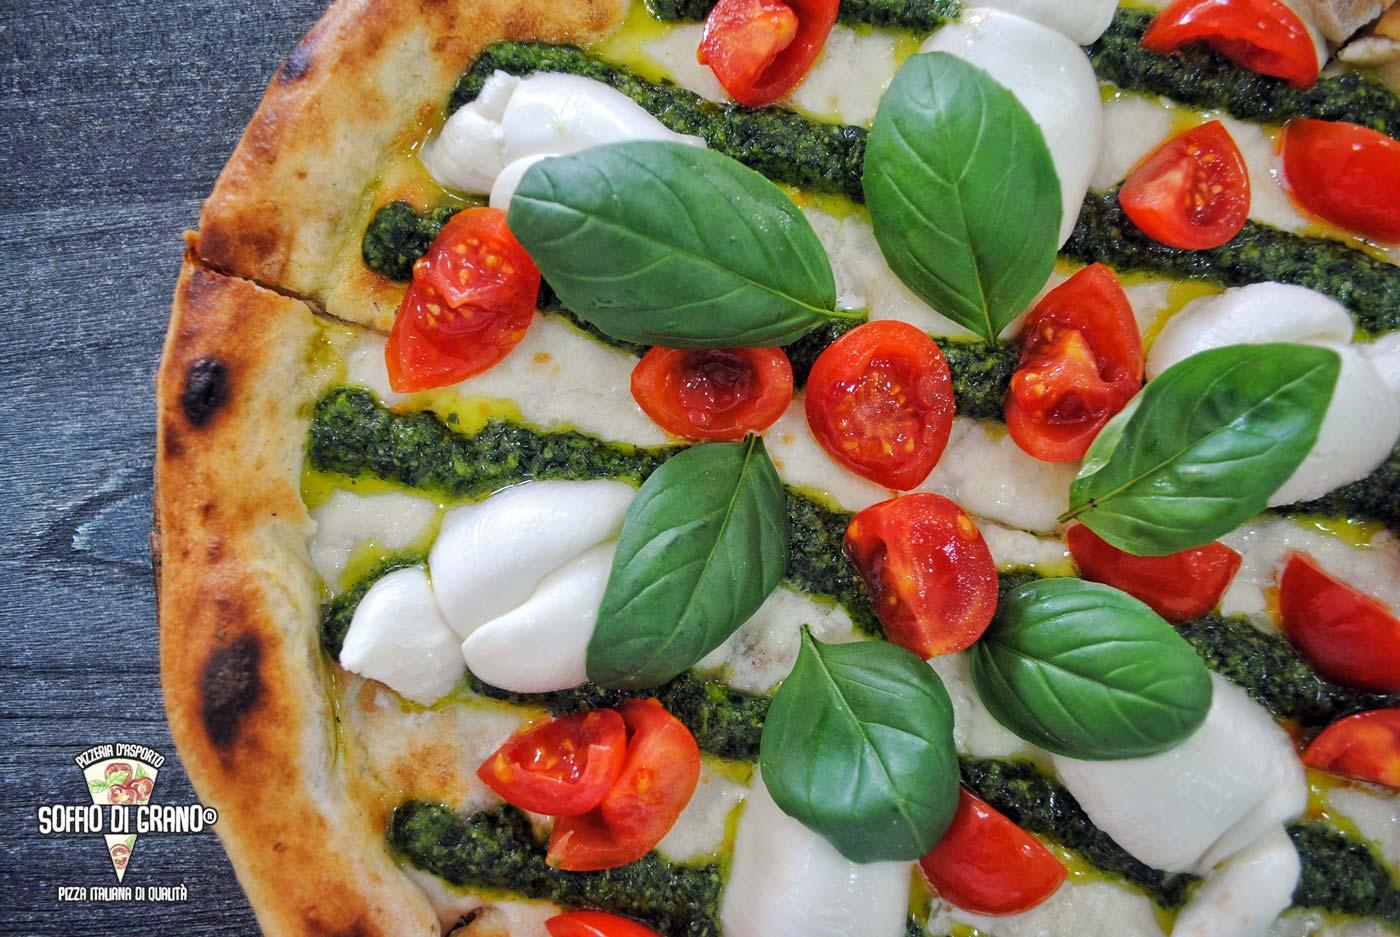 Pesto-artigianale-nodini-di-mozzarella-pomodorini